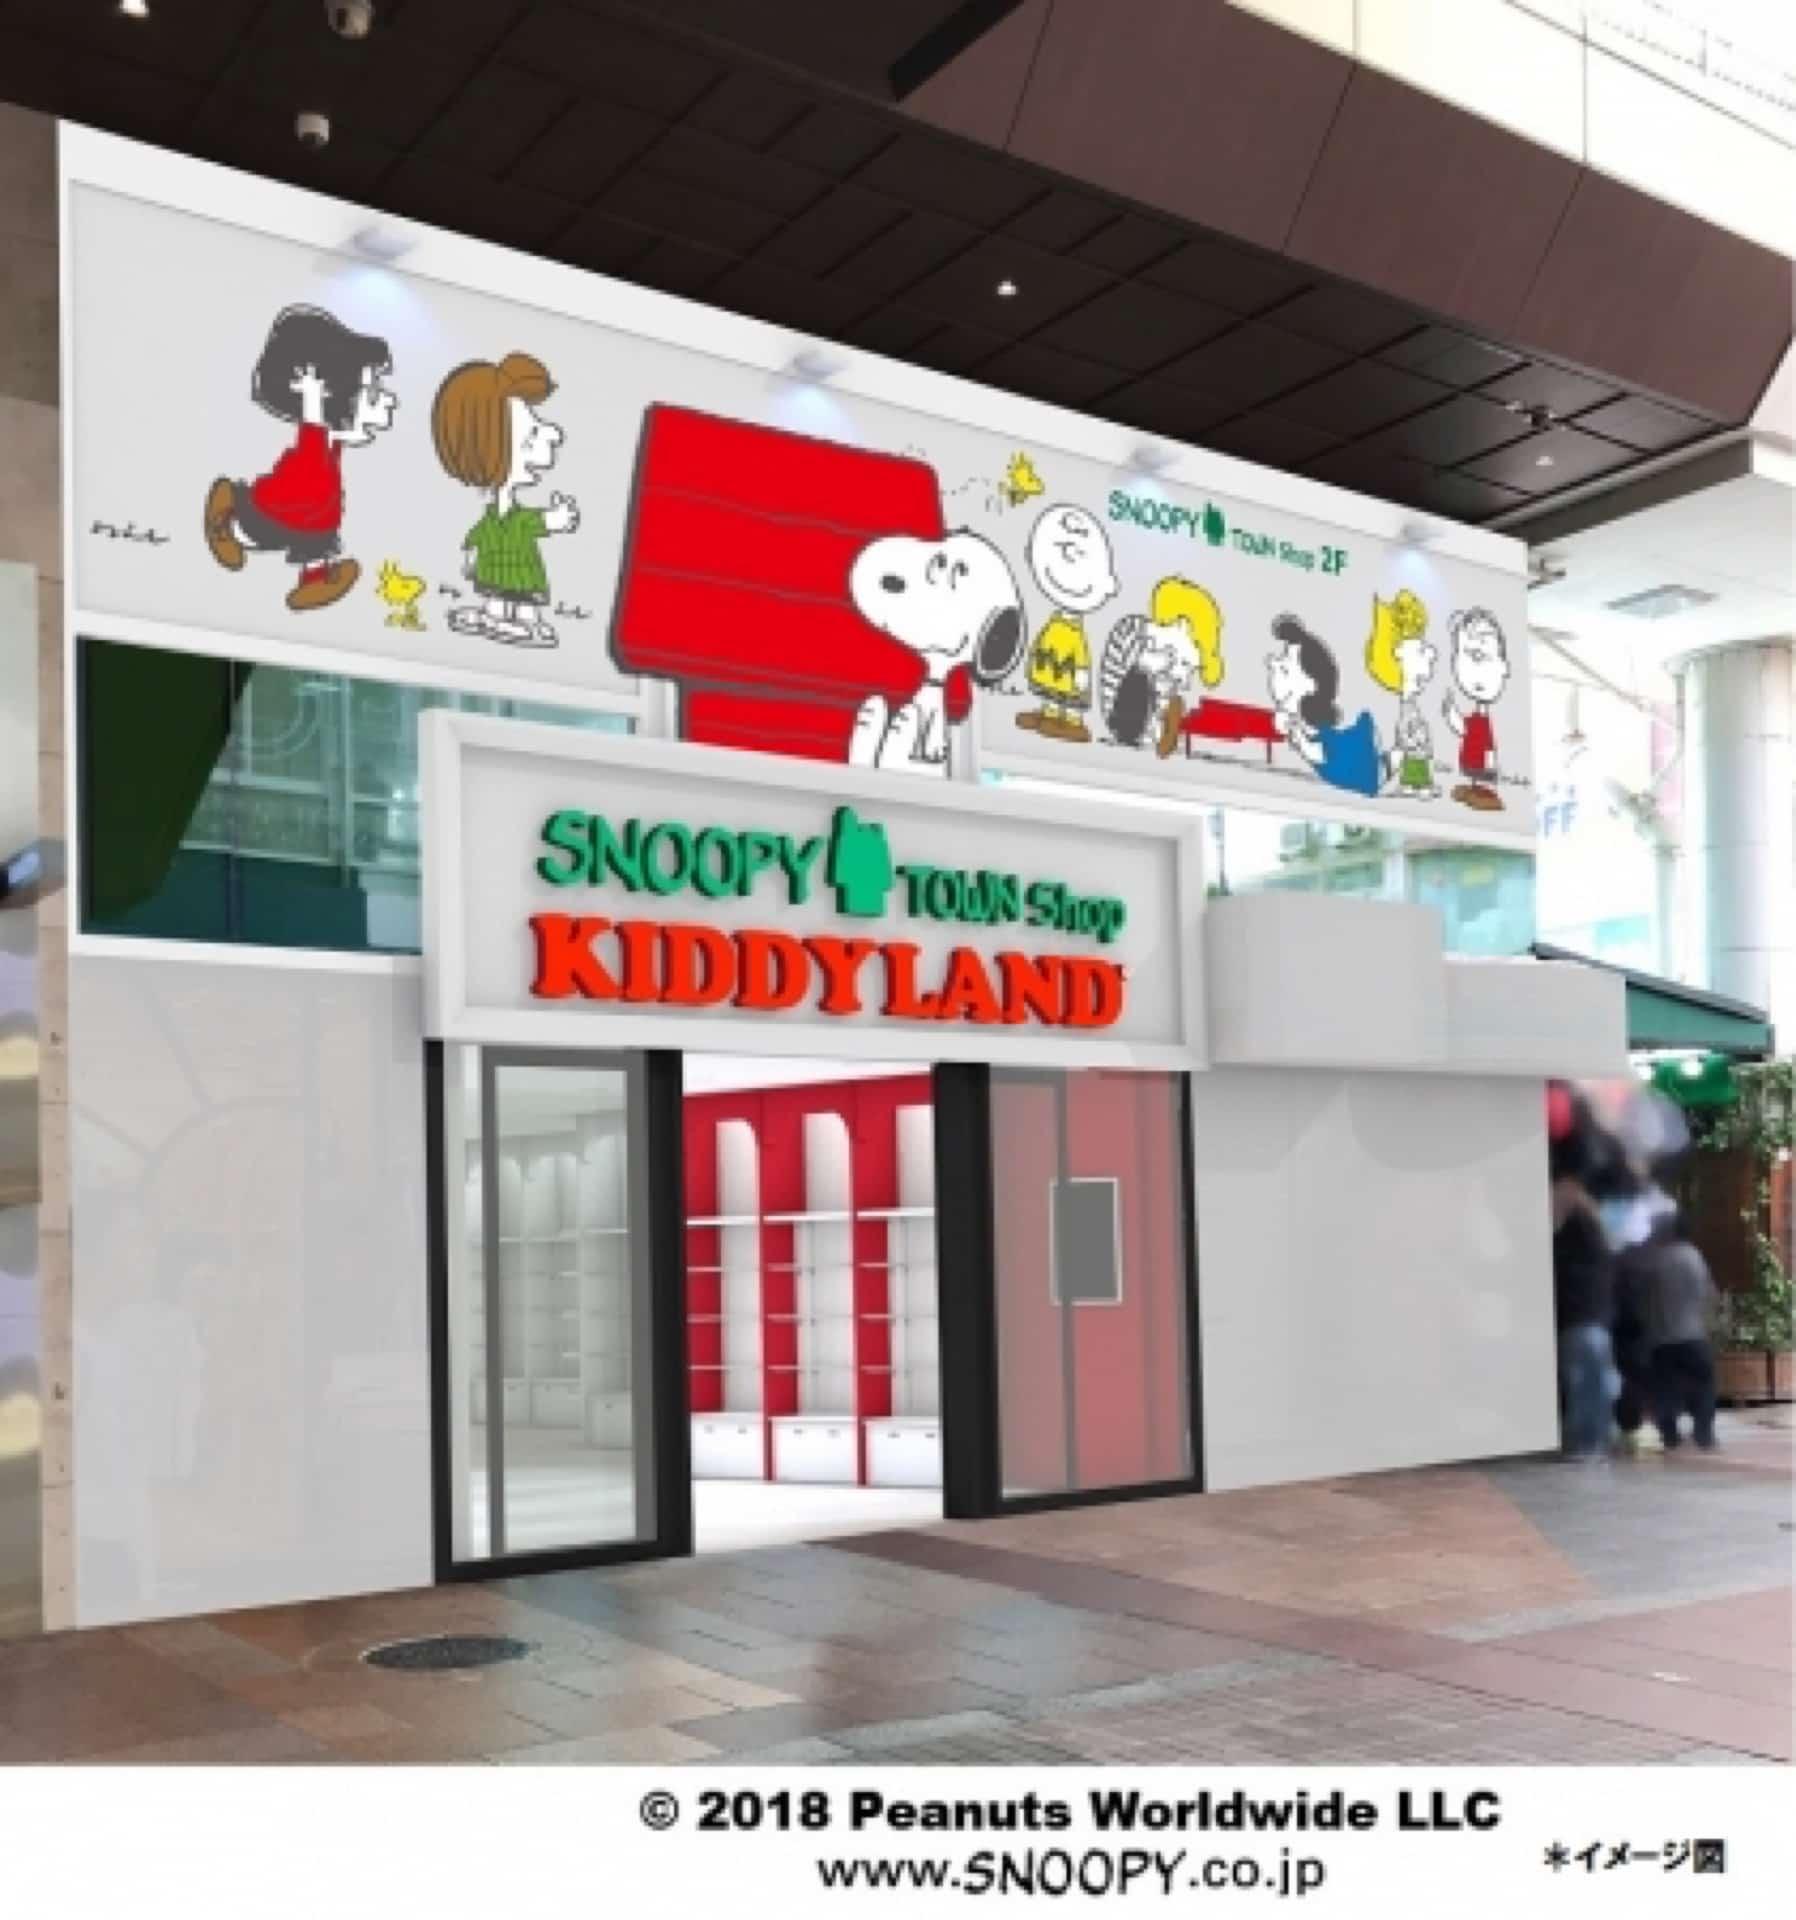 2018年11月1日「キデイランド三宮店」&「スヌーピータウンショップ三宮店」が三宮センター街にオープン!